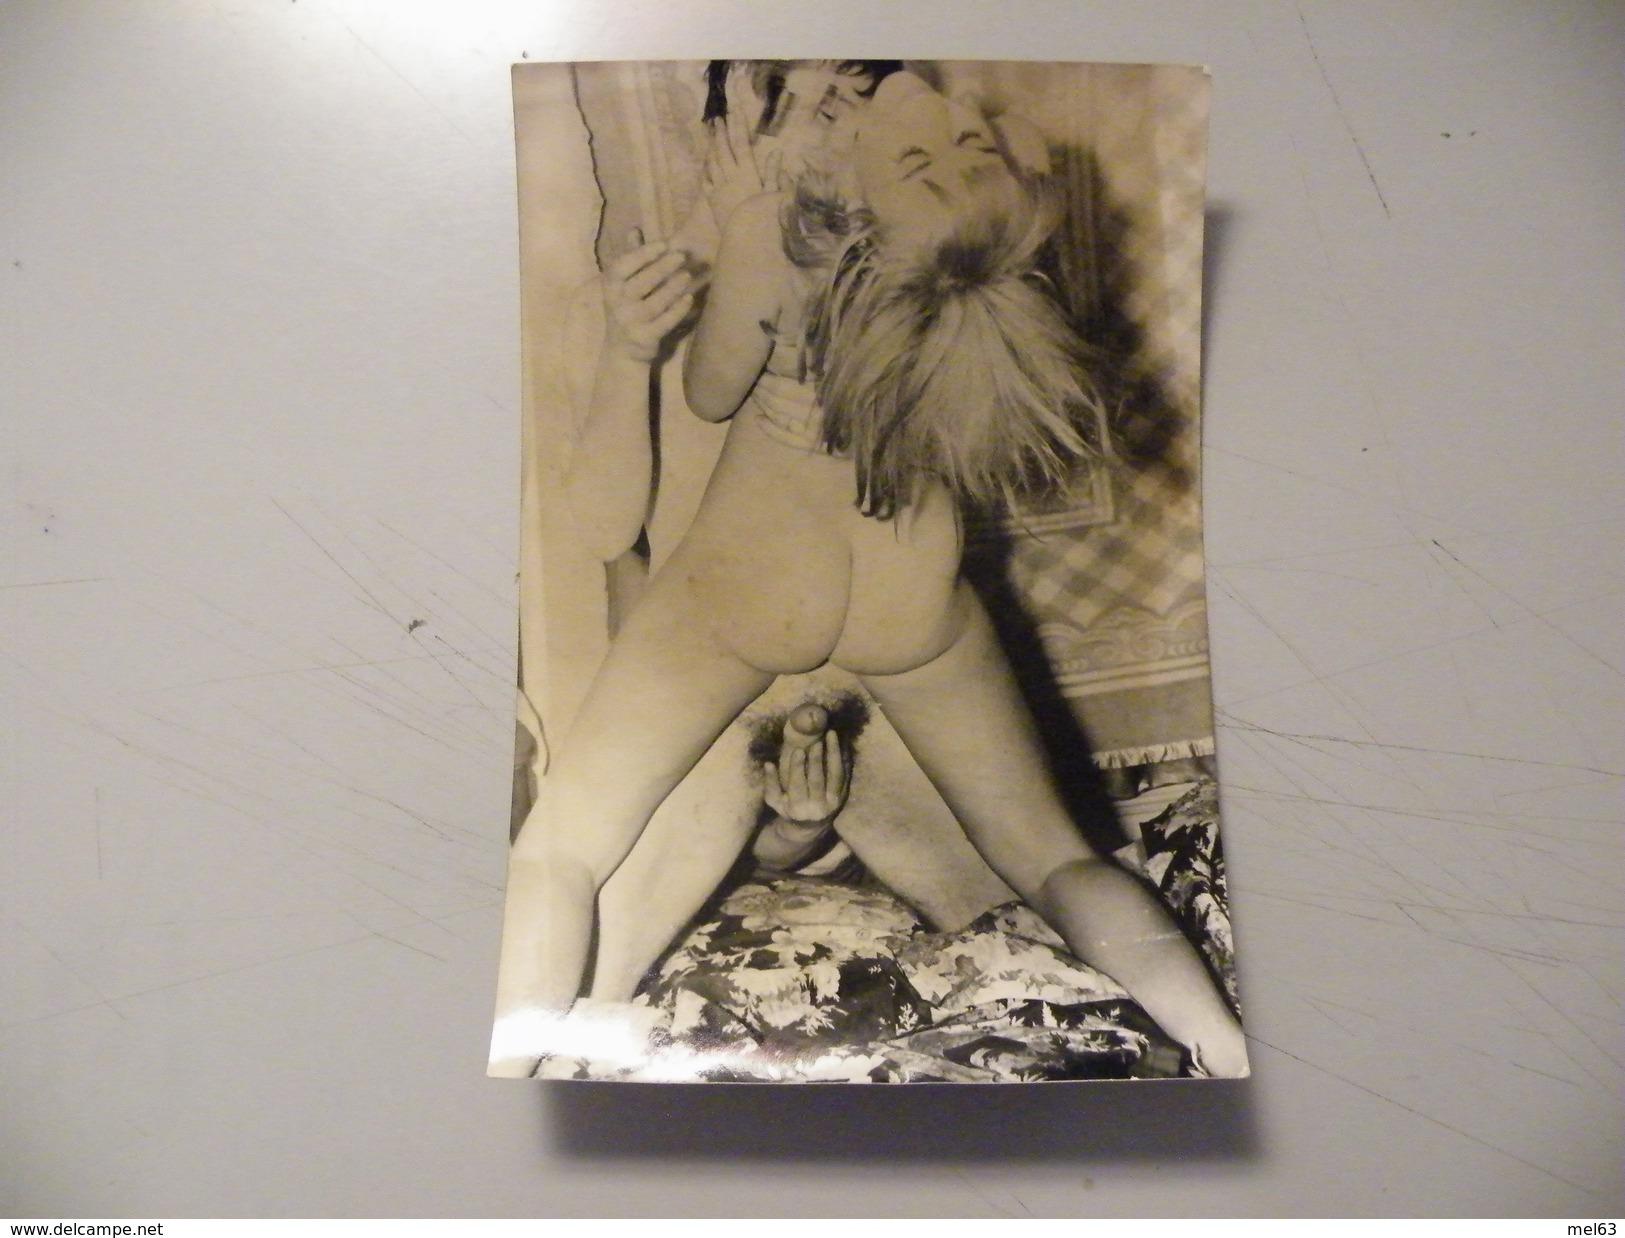 A402. Photo Ancienne Argentique.Nu,erotique,sexe Porno Vintage.collection.année 60/70 - Beauté Féminine (1941-1960)